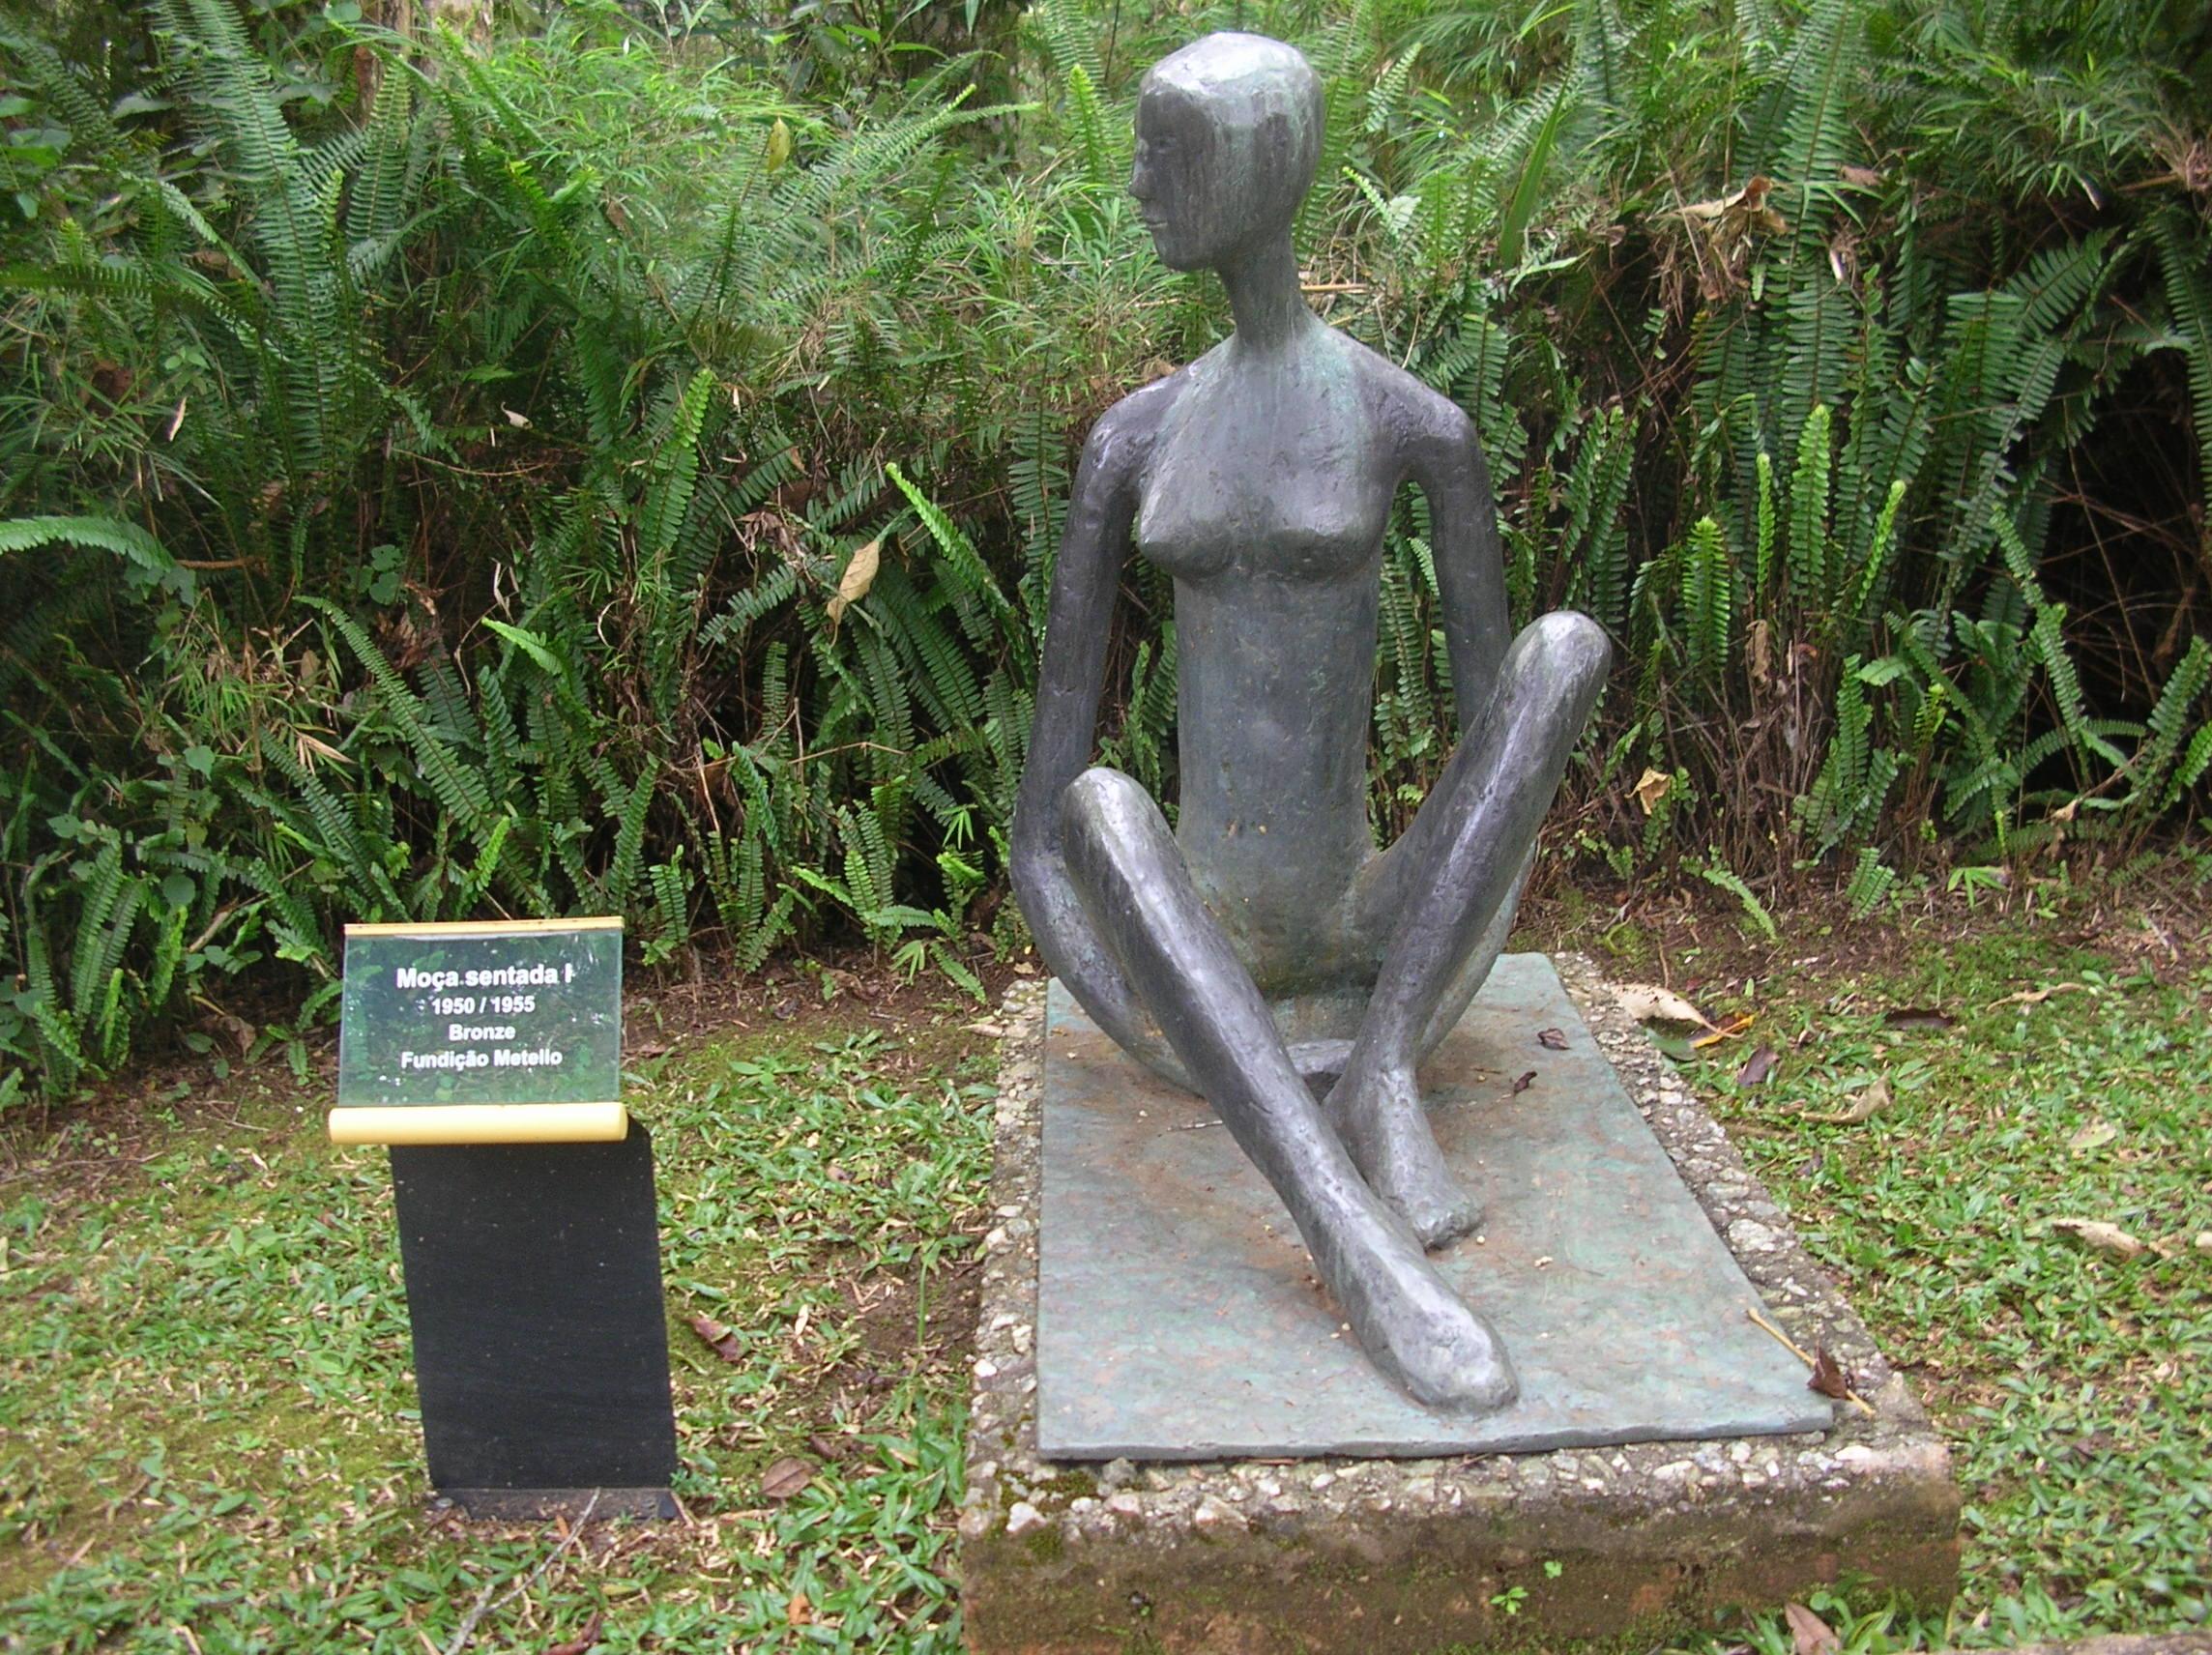 Escultura em bronze. Moça Sentada I, de Felícia Leirner